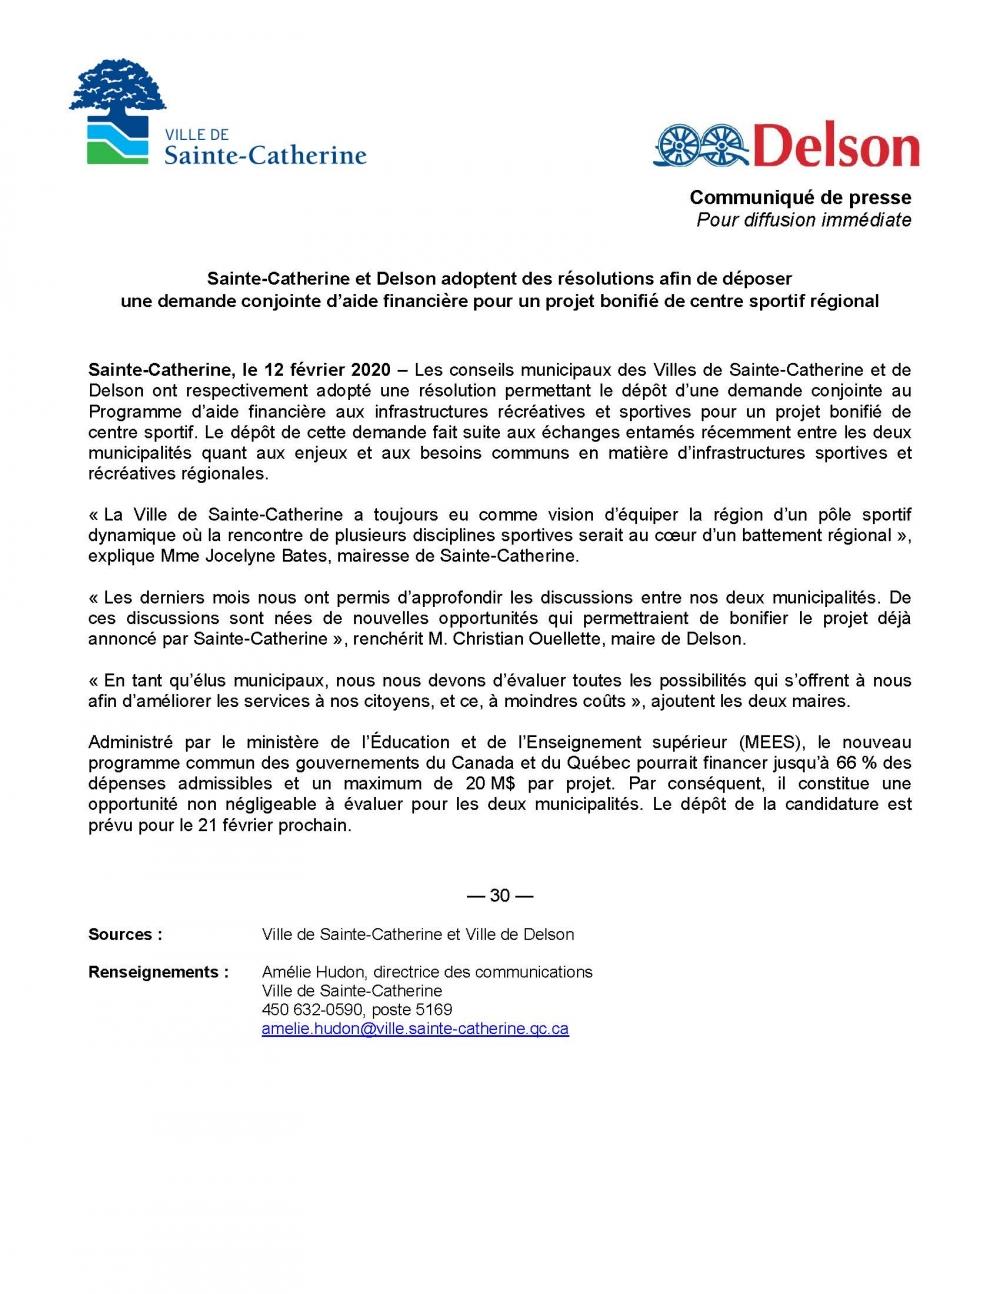 Sainte-Catherine et Delson adoptent des résolutions pour un projet bonifié de centre sportif régional